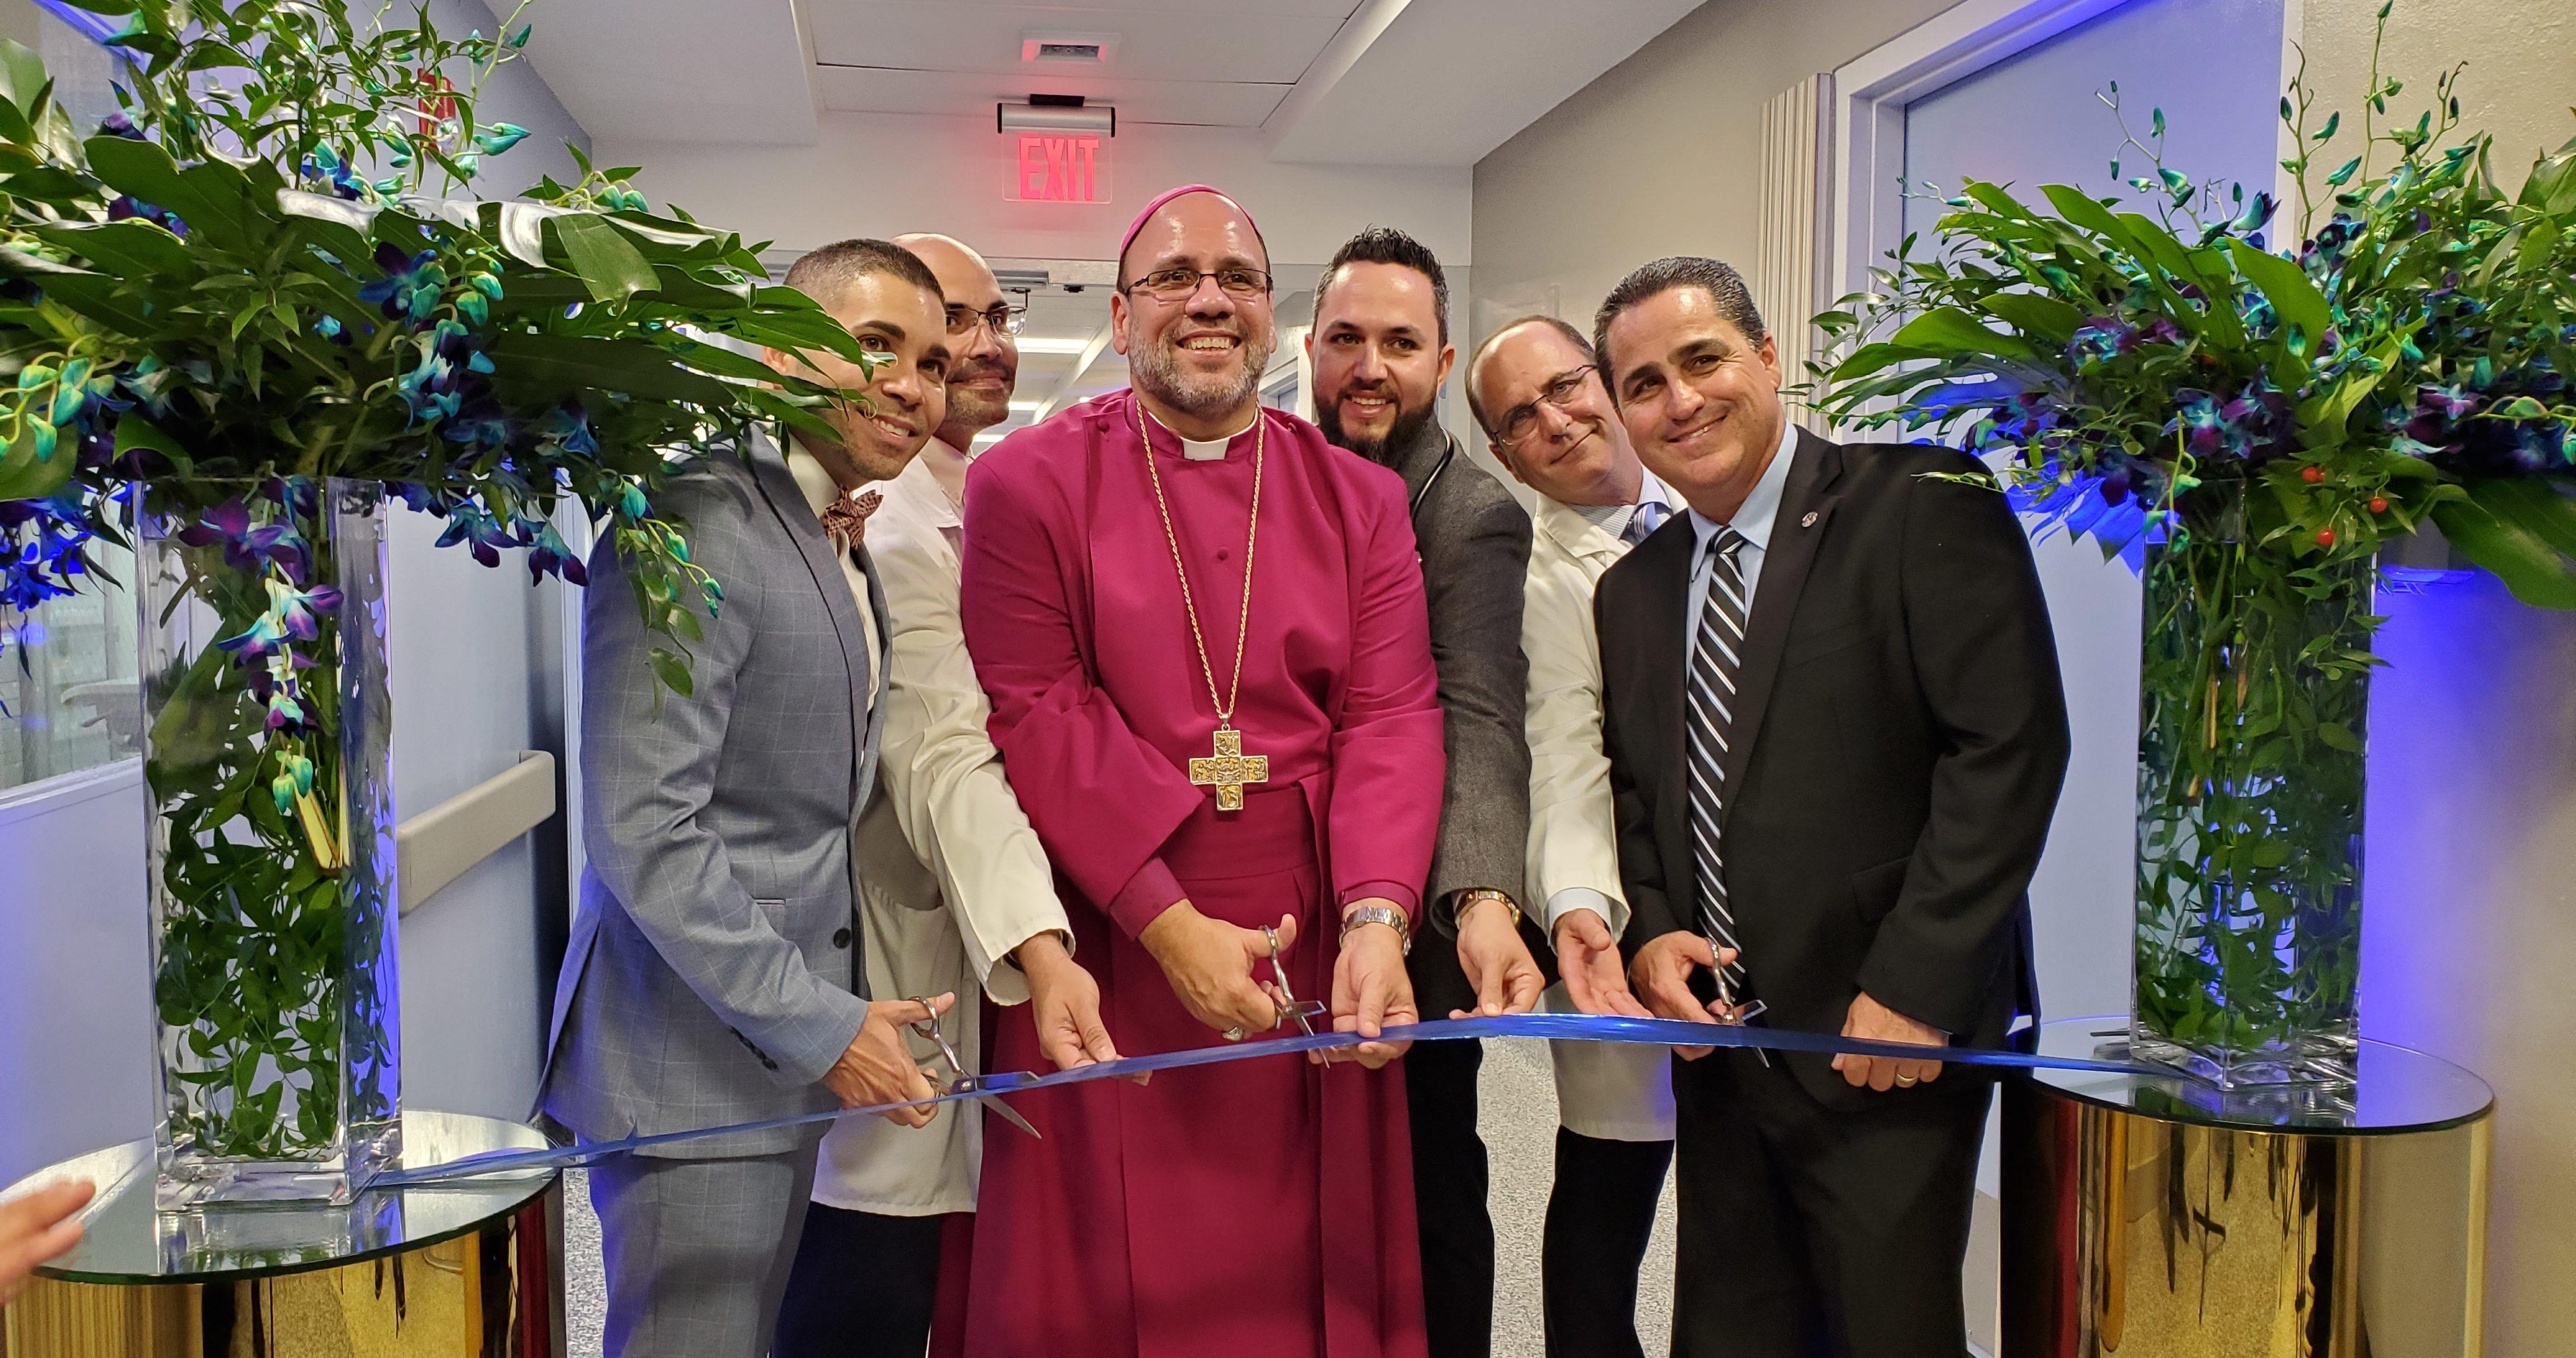 El obispo Rafael Morales Maldonado y directivos del Centro Médico Episcopal San Lucas realizaron el corte de cinta de la unidad deluxe. (Voces del Sur)